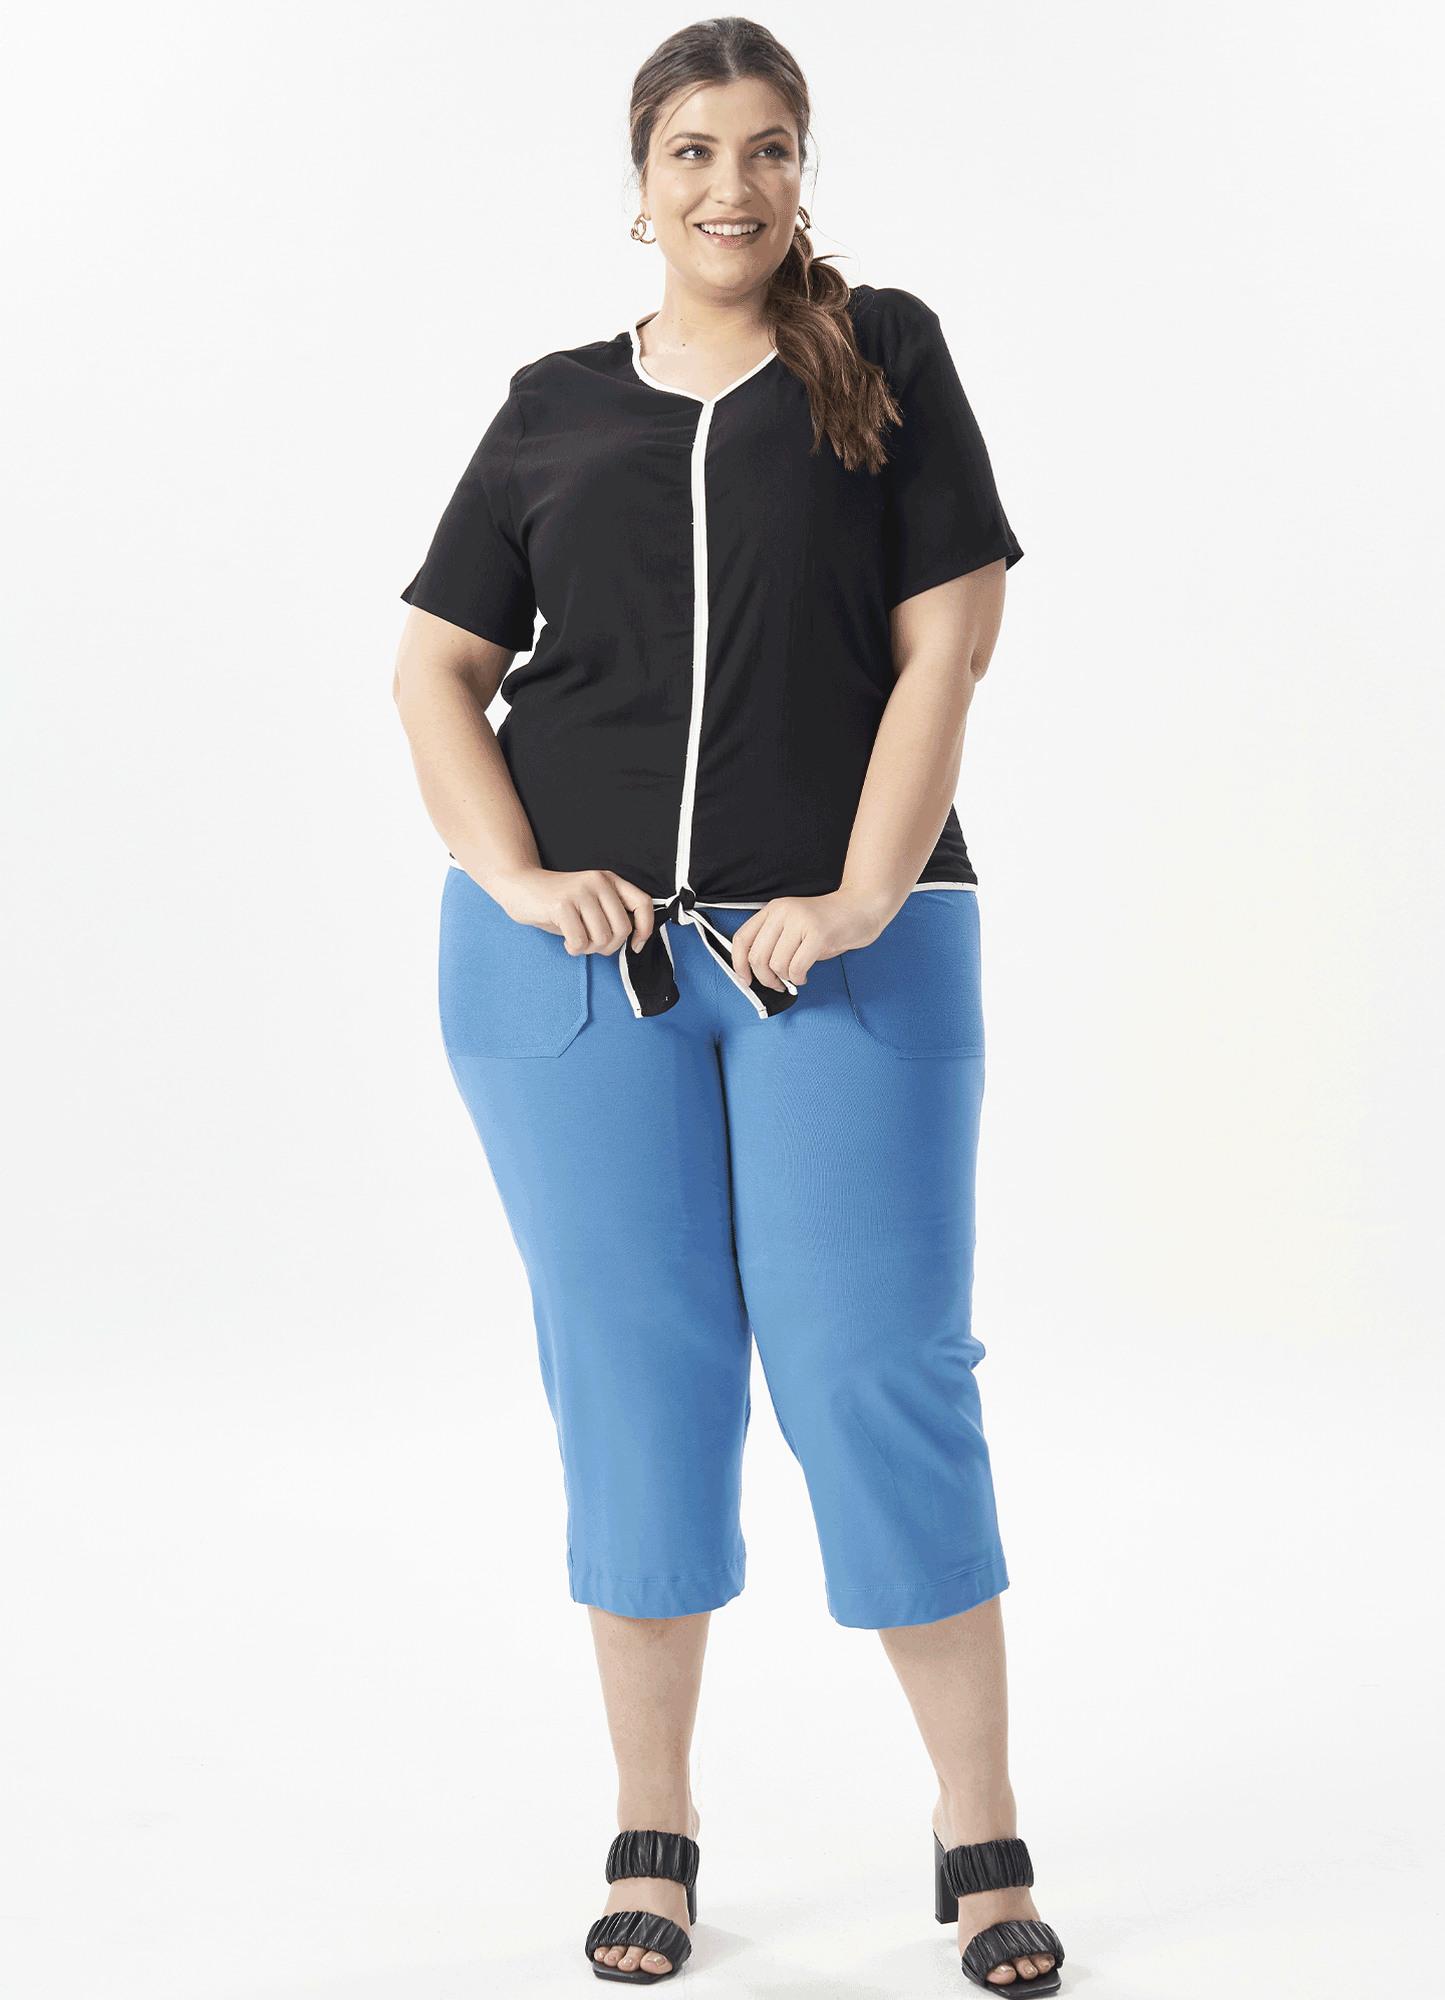 Blusa Feminina Tecido Bicolor Manga Curta e Amarração